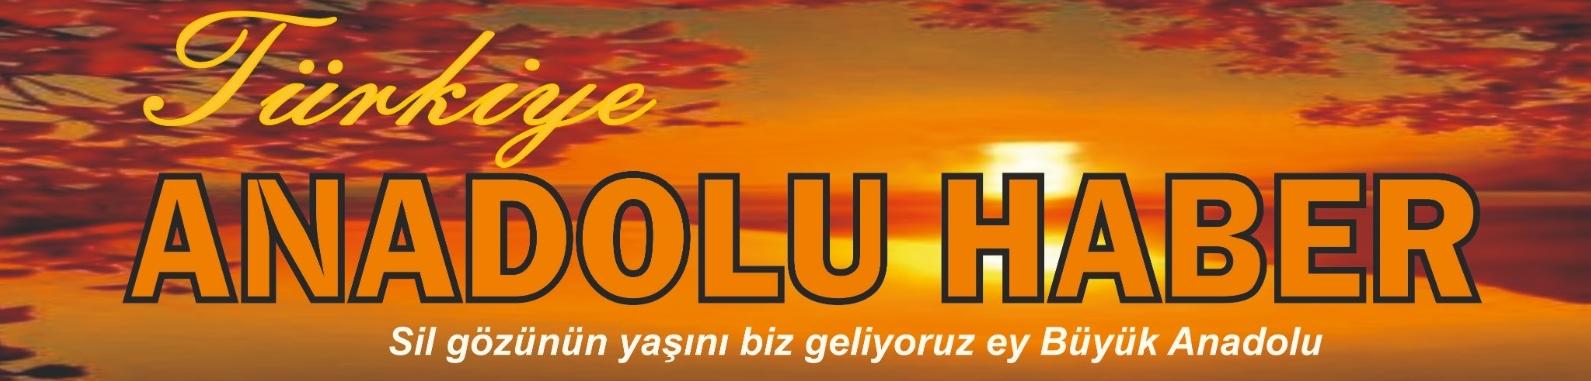 Türkiye Anadolu Haber